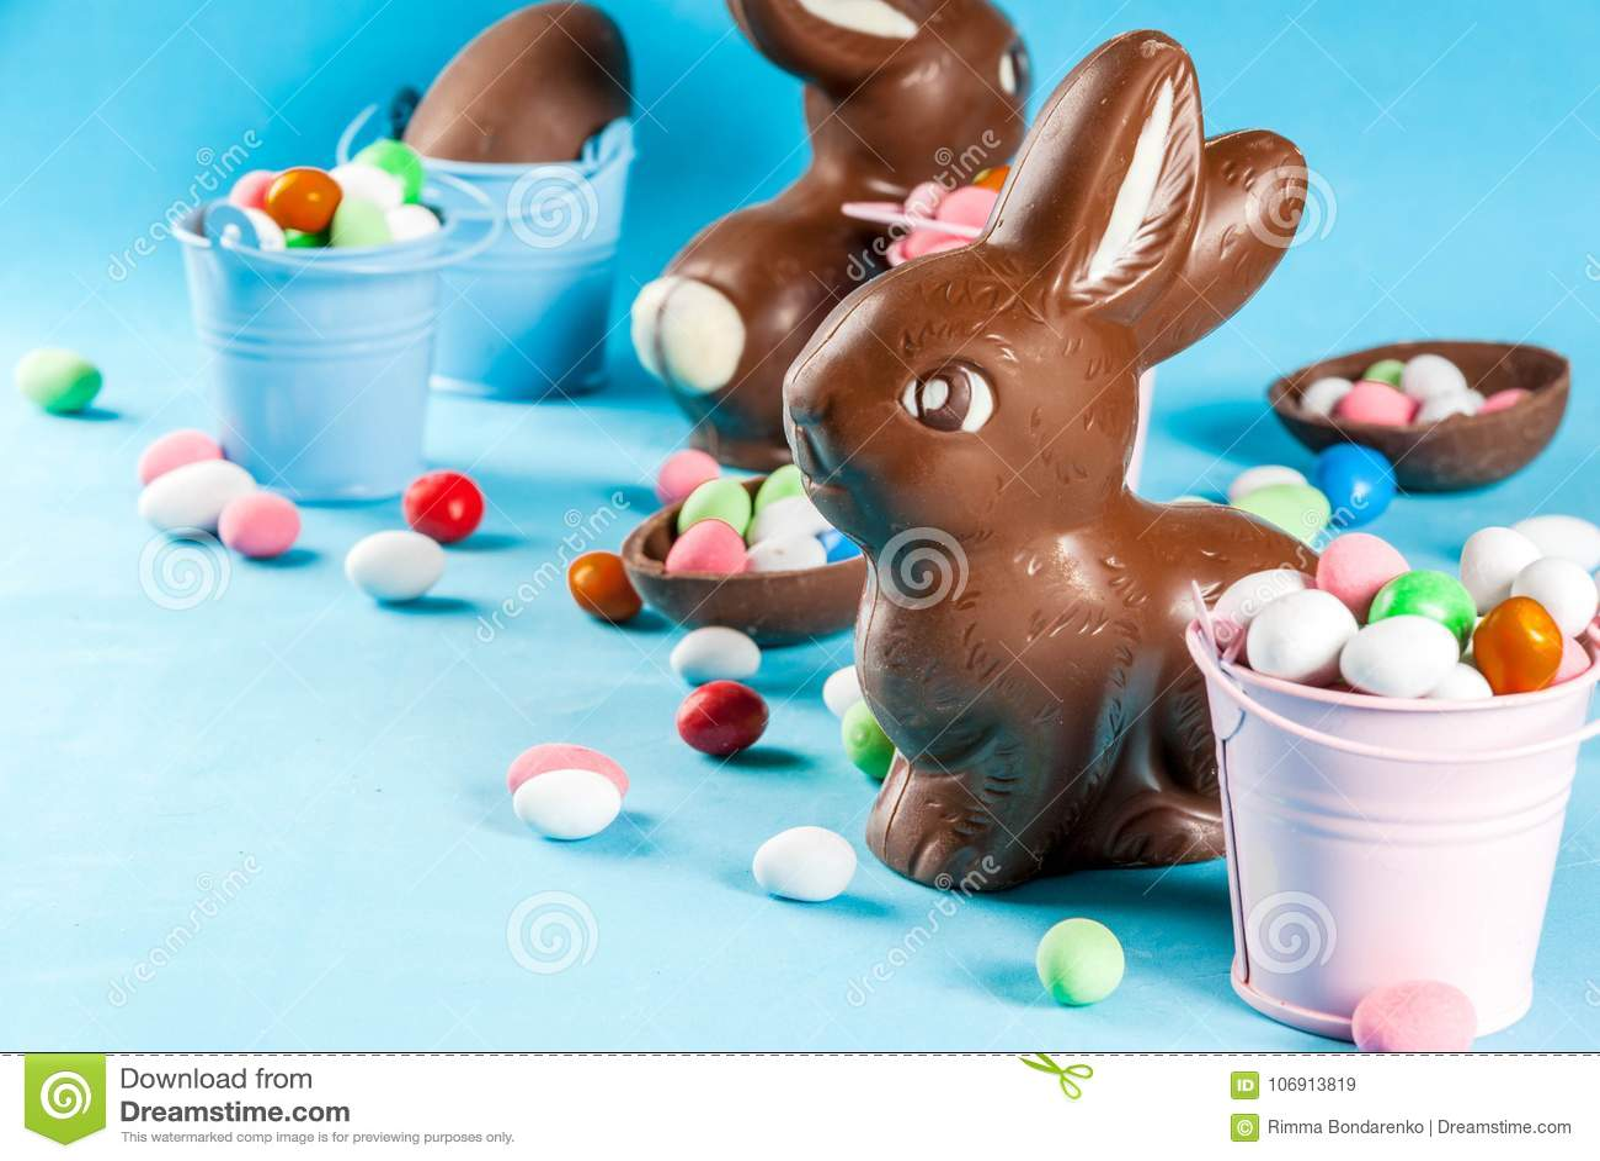 Ciasteczkiem jest królika cadbury czekoladowym firm Easter należni wcześni jajka uderzają miłego jak robienie targowym milionom g